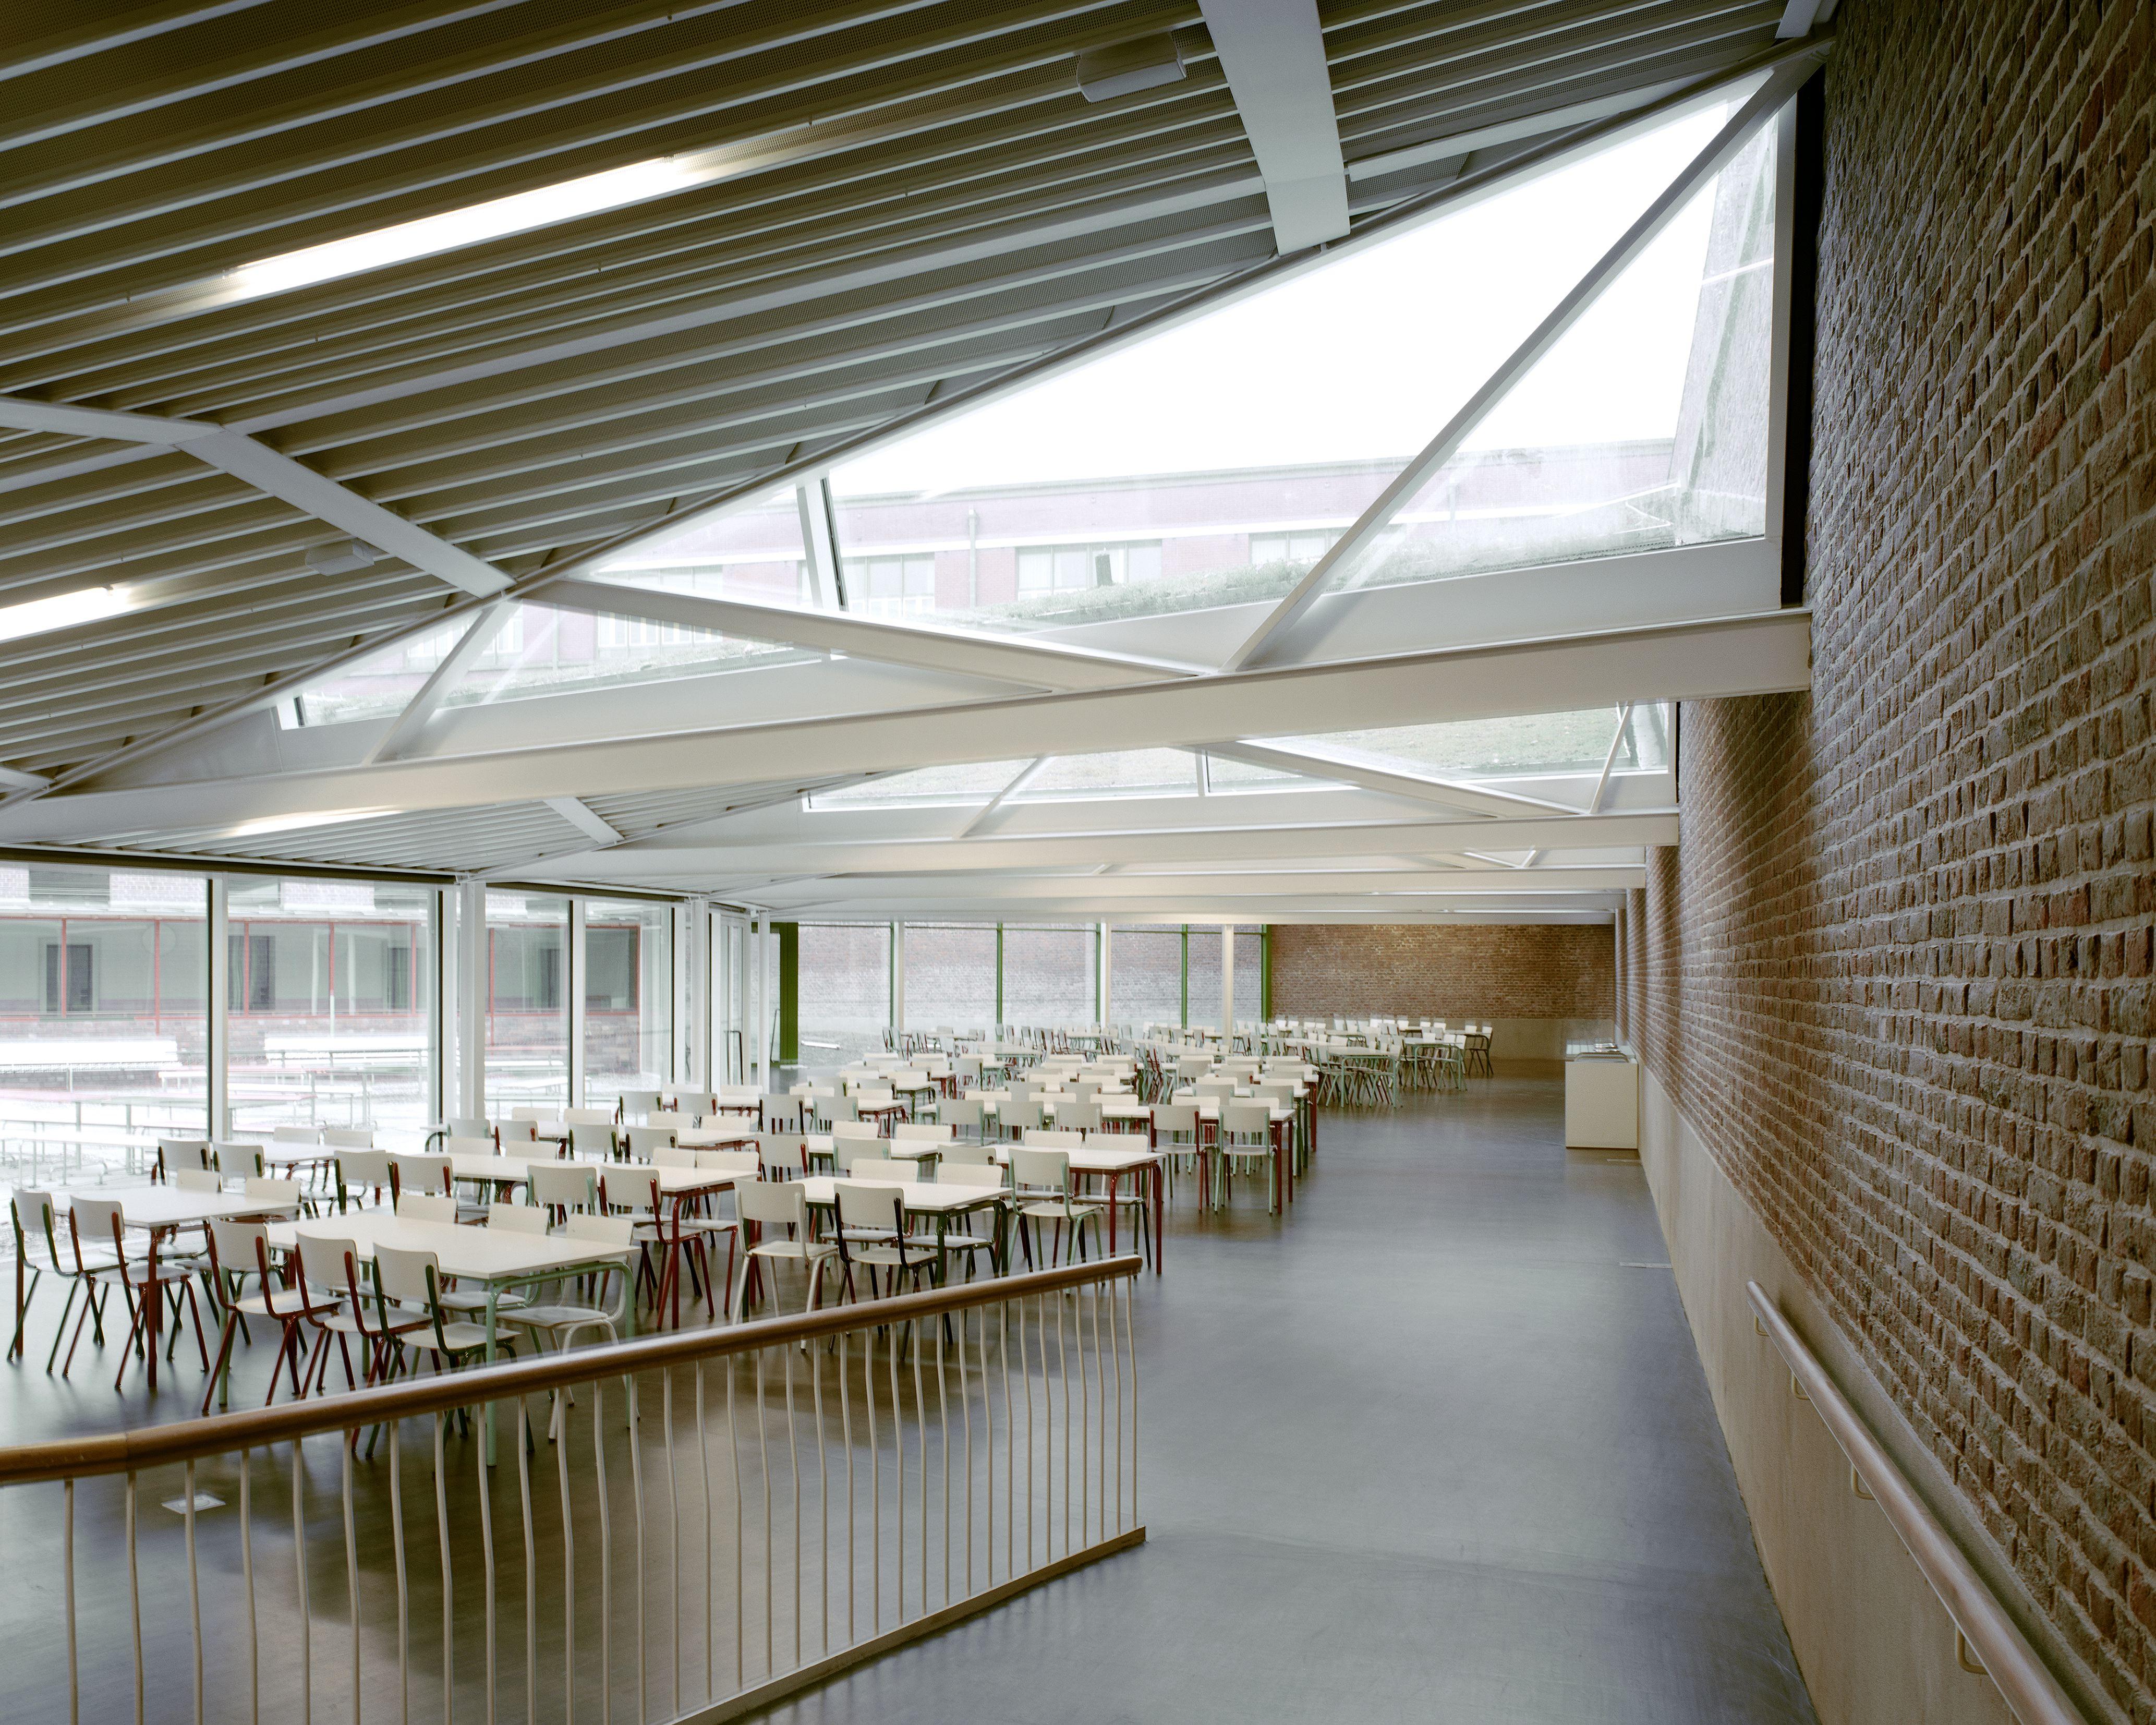 Herbestemming gevangenis hasselt de architect for Interieur hasselt